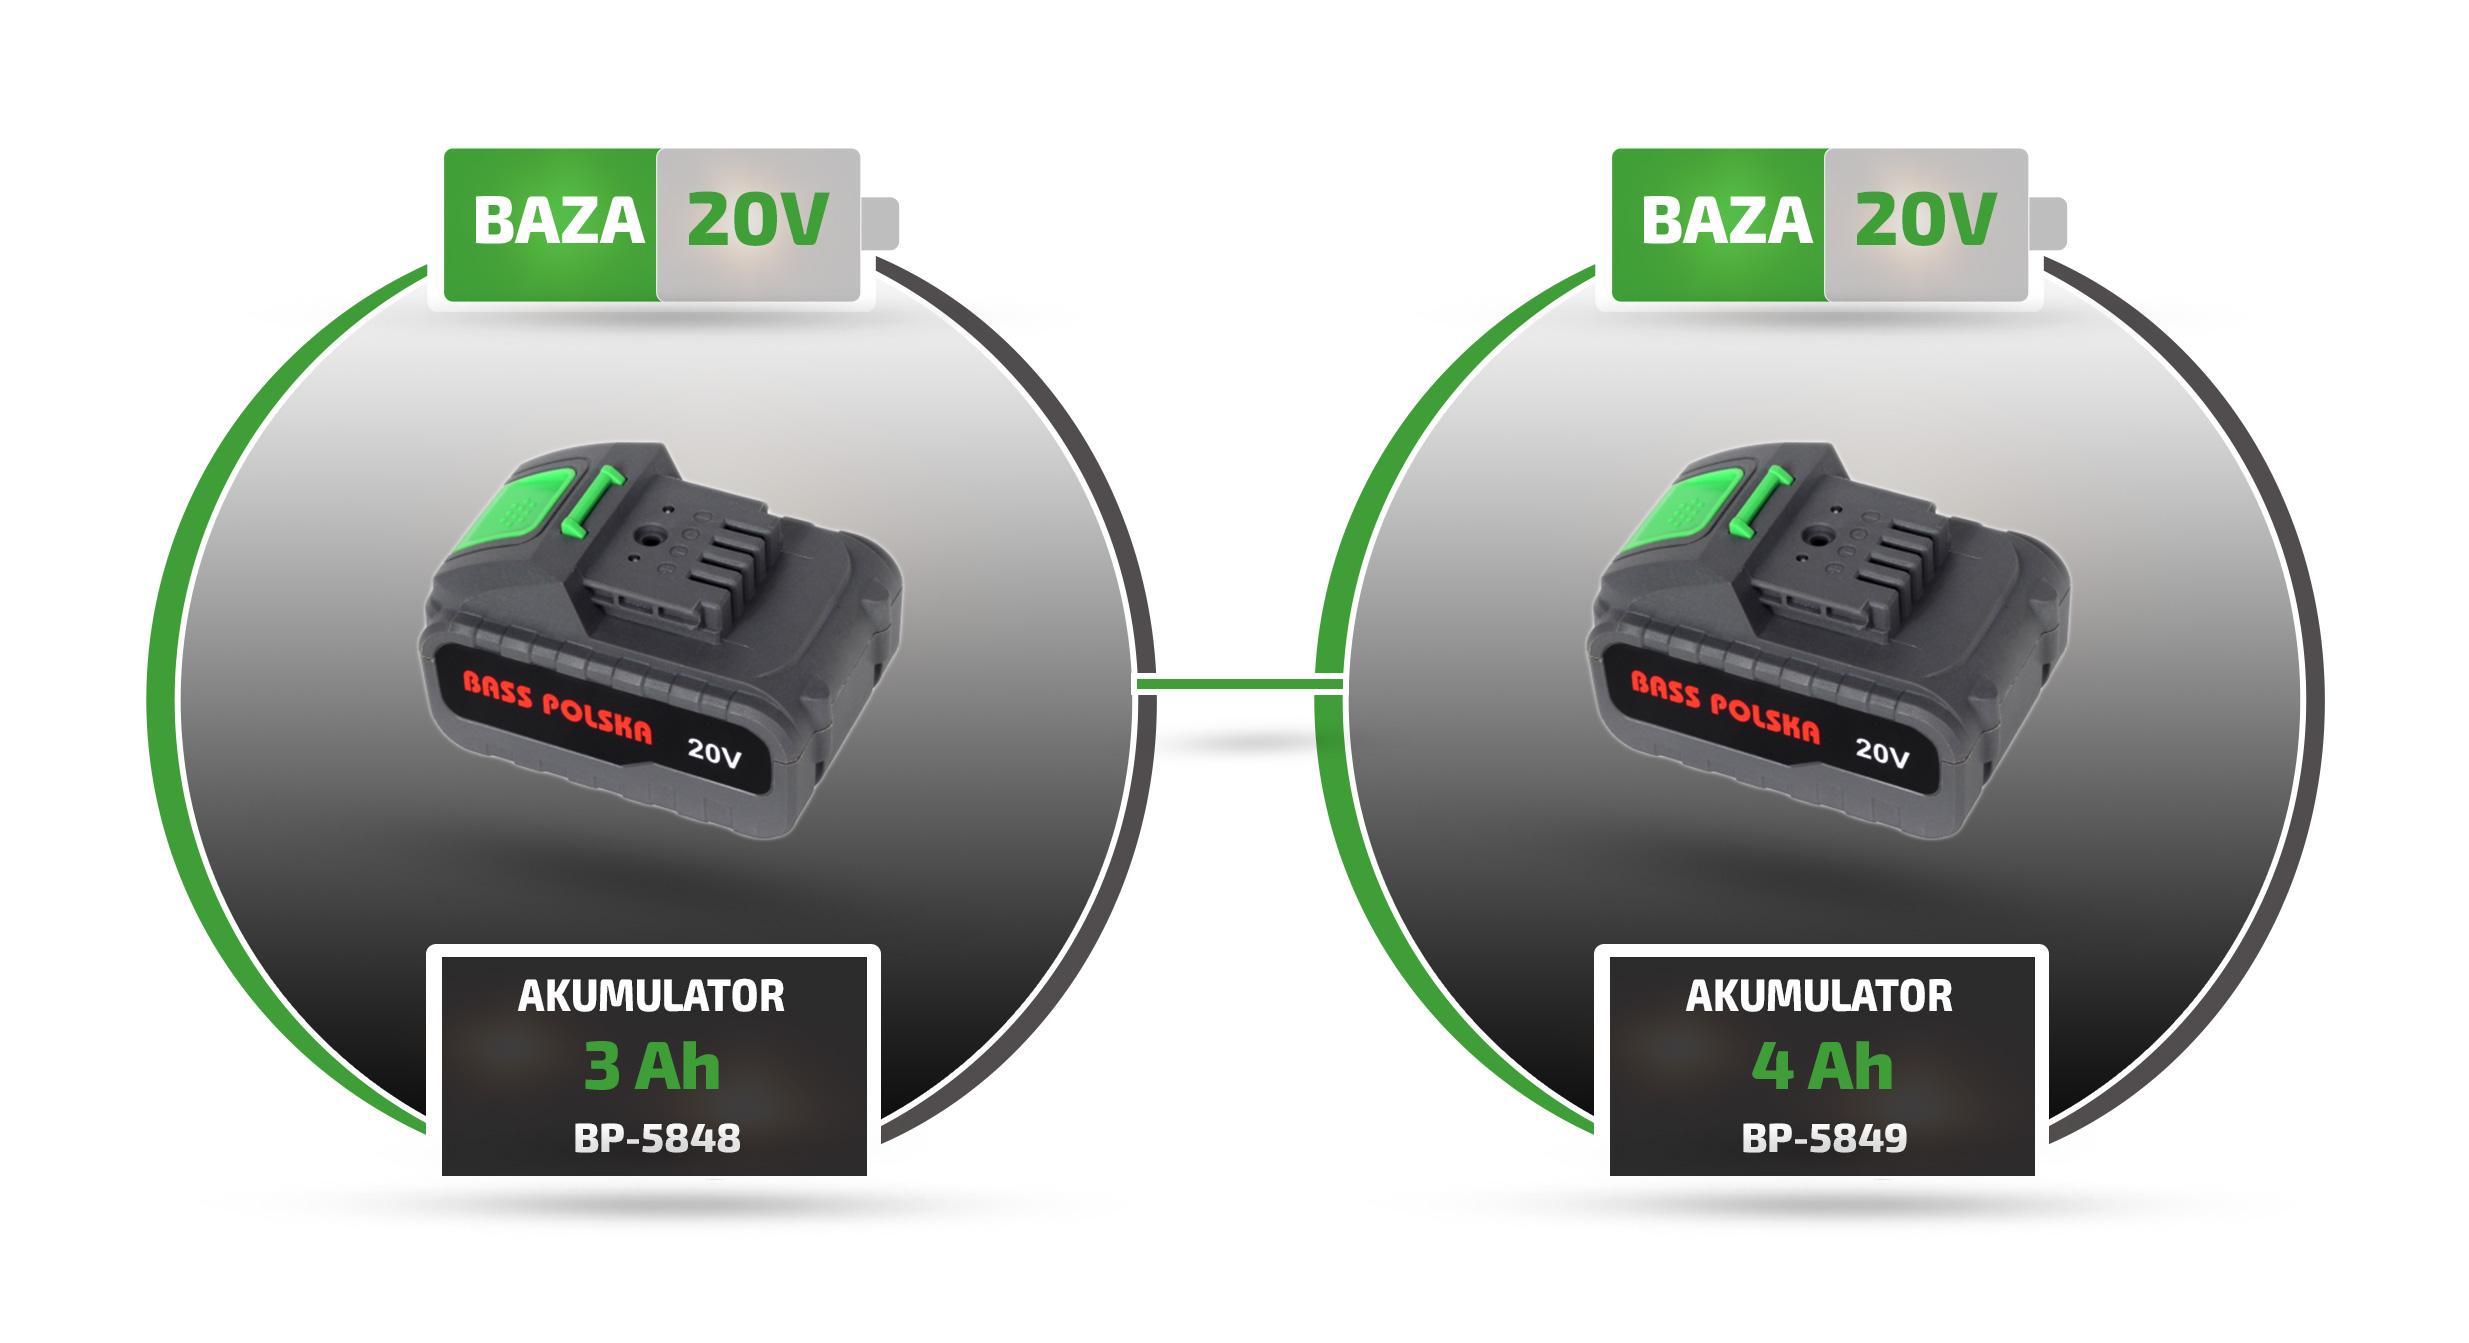 Baza narzędzi 20V z jednym akumulatorem